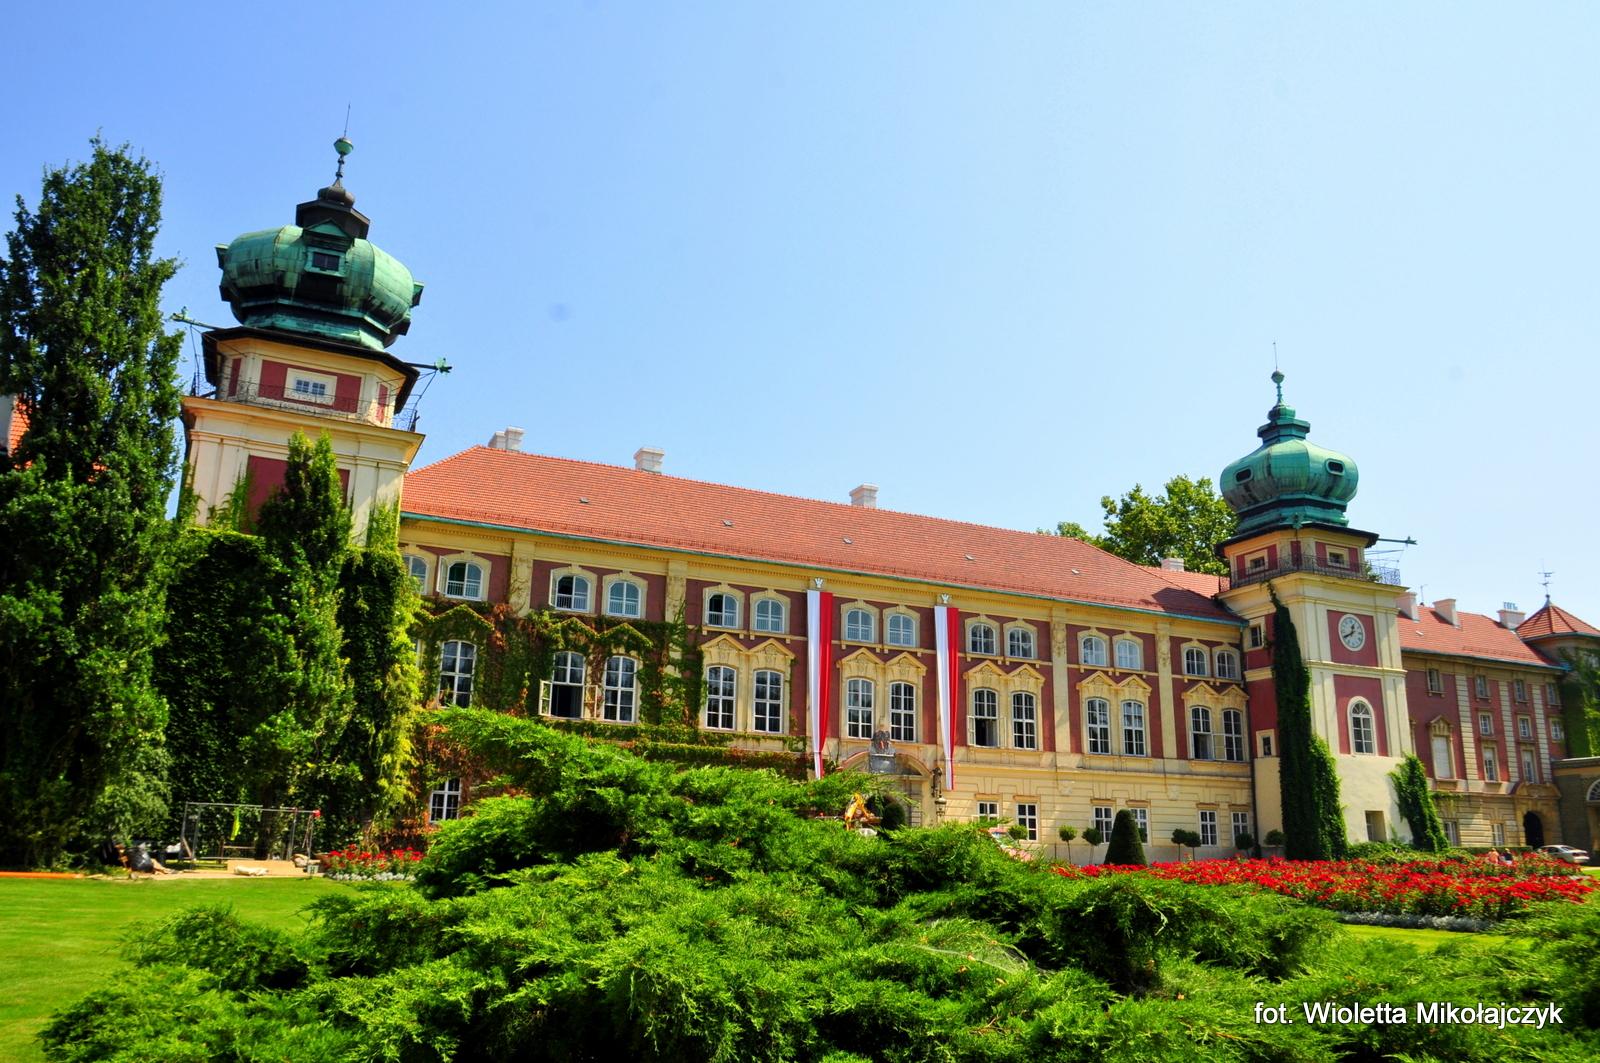 Zamek w Łańcucie - mały Wersal?